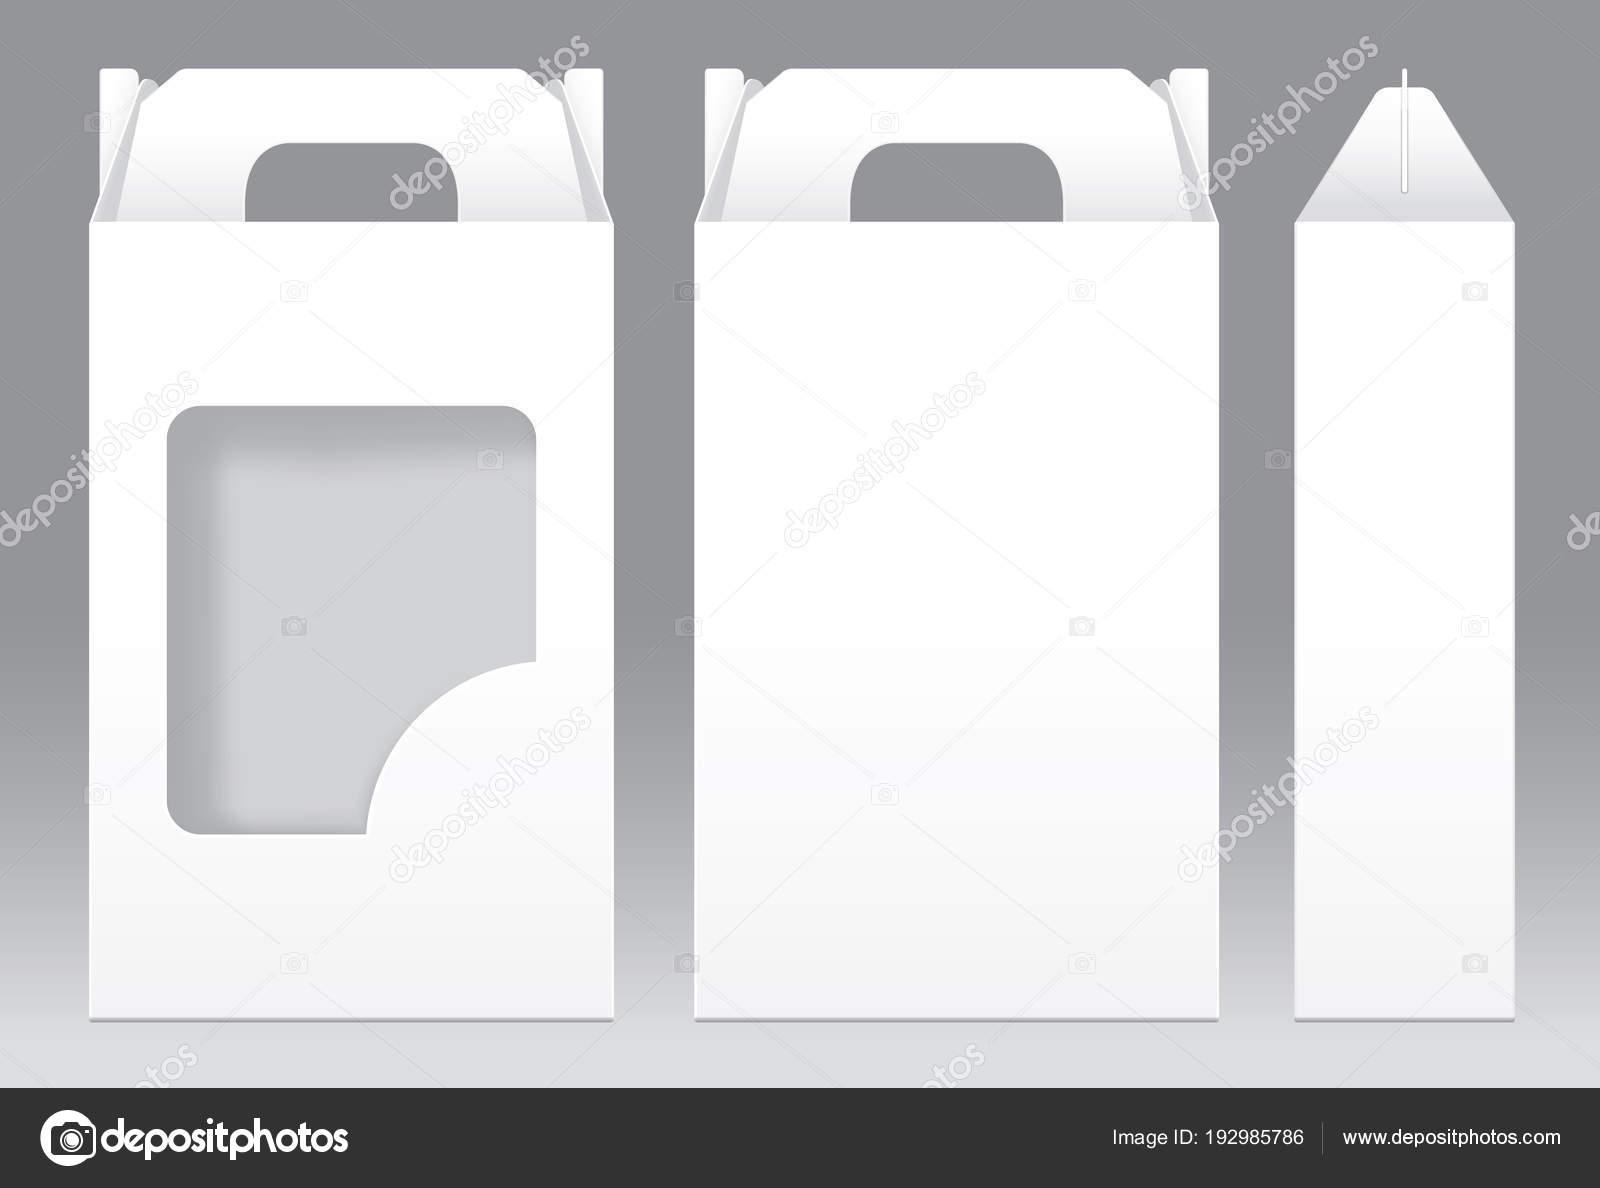 Alto blanco caja ventana corte empaque plantilla en blanco ...